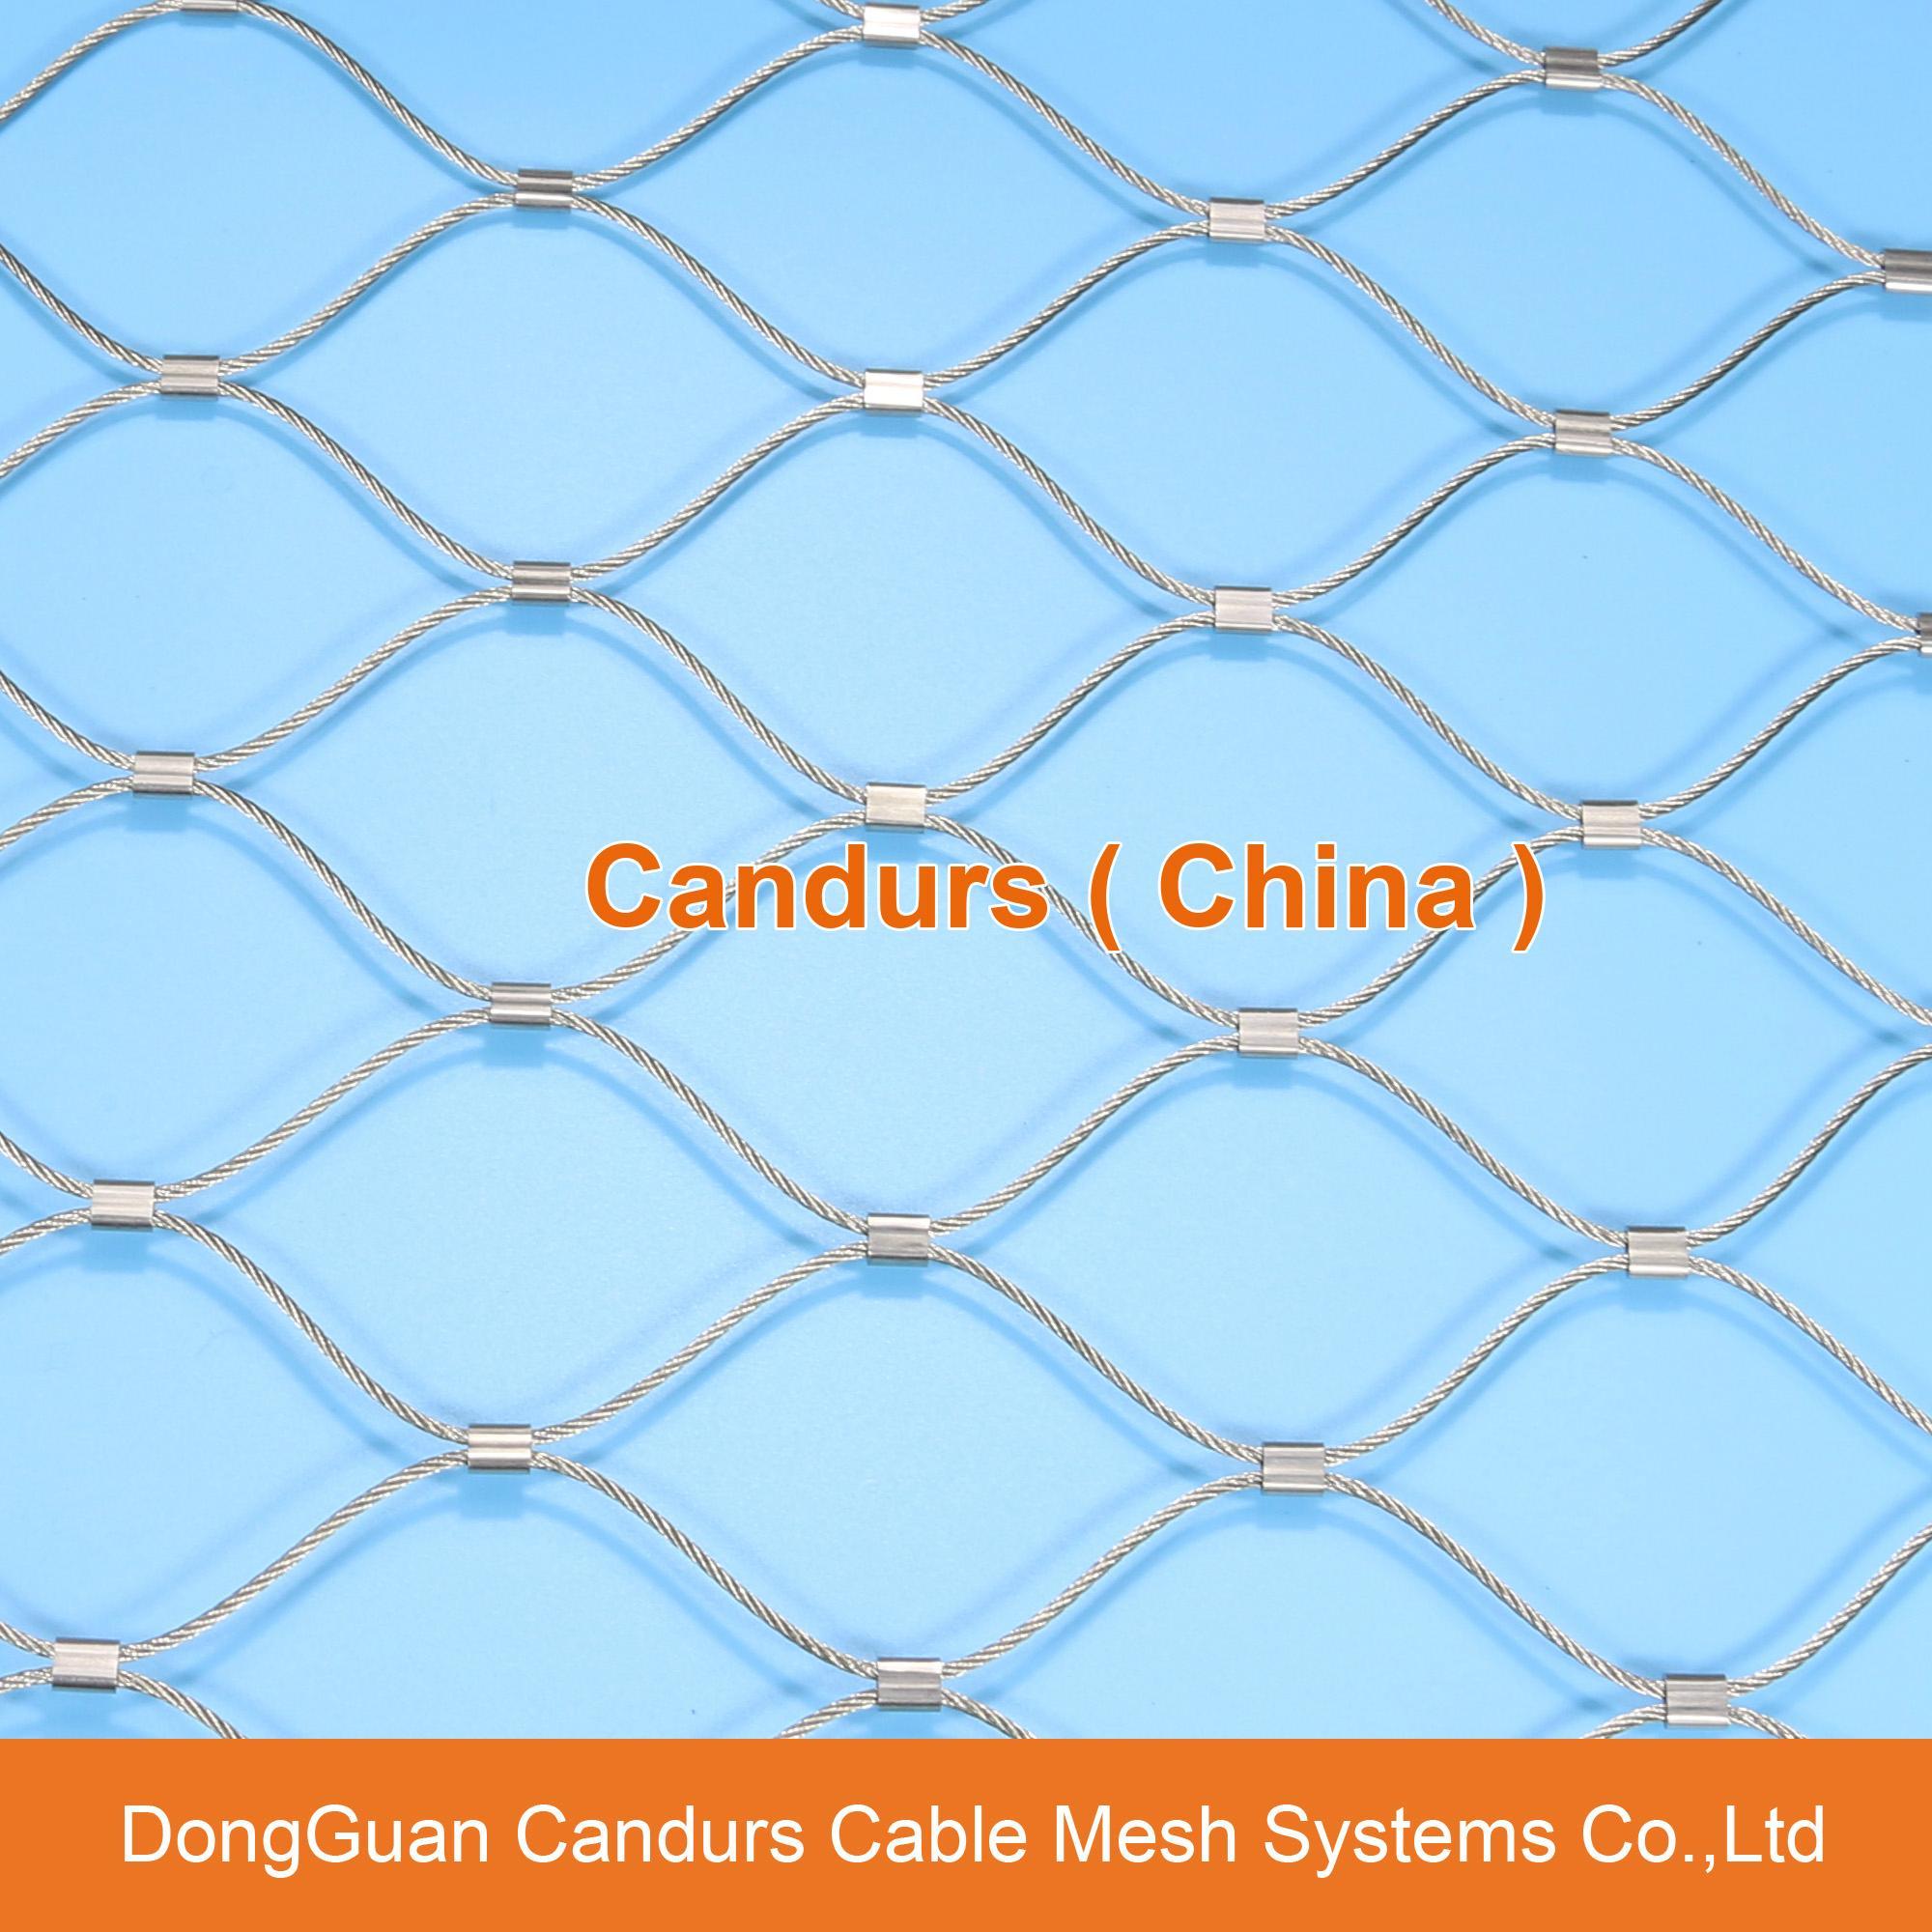 不鏽鋼實用裝飾防護網 16